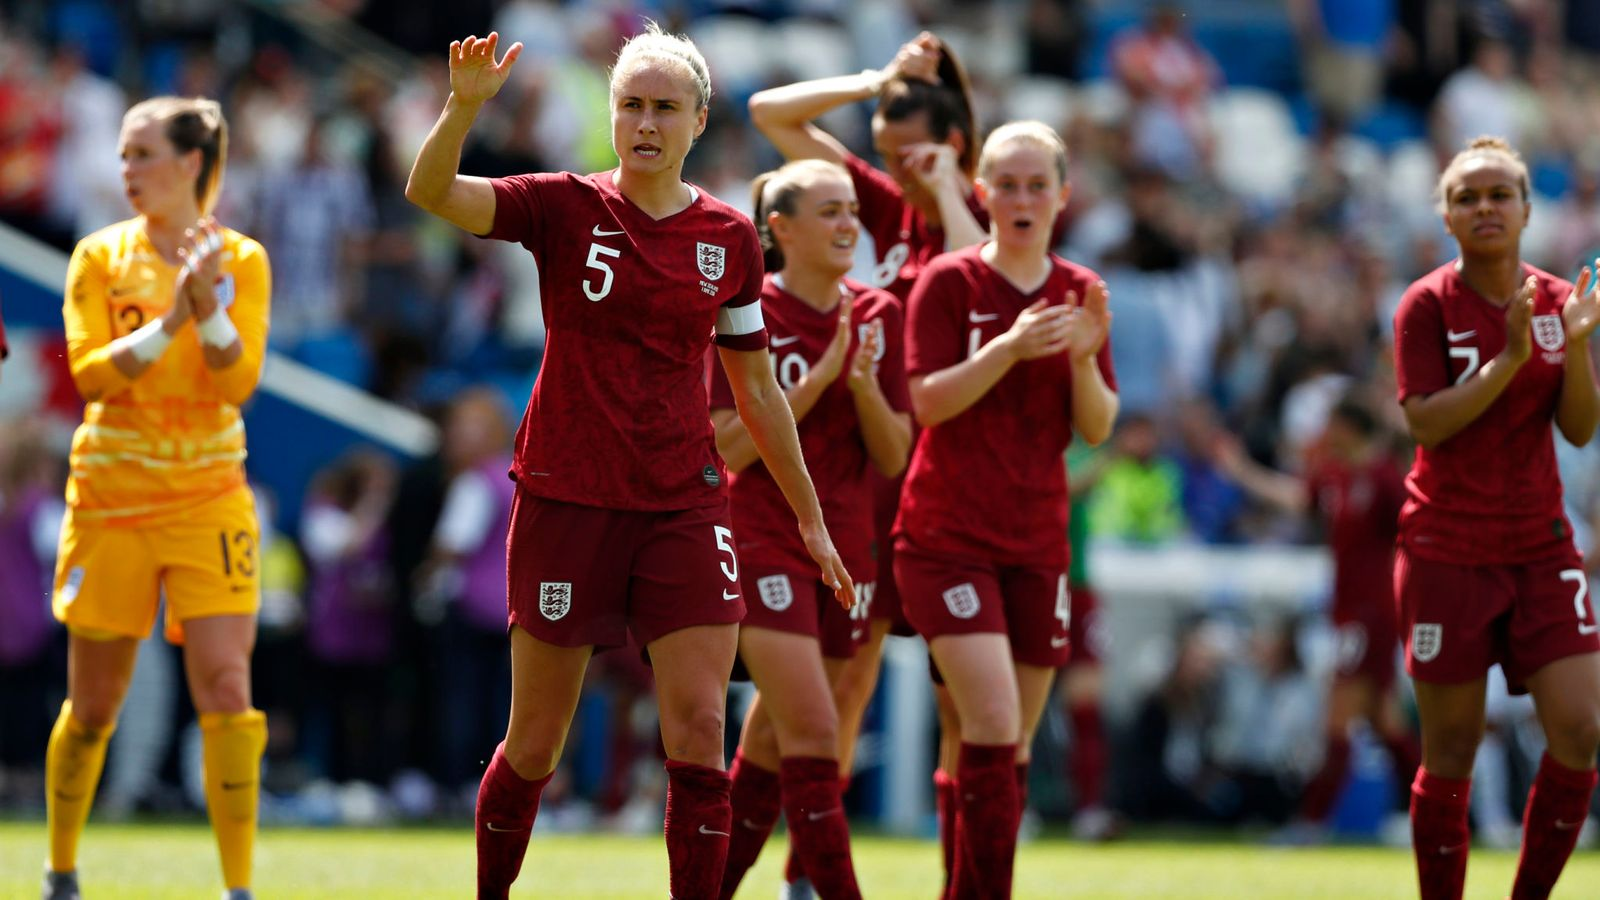 Houghton et l'Angleterre se défient ce dimanche